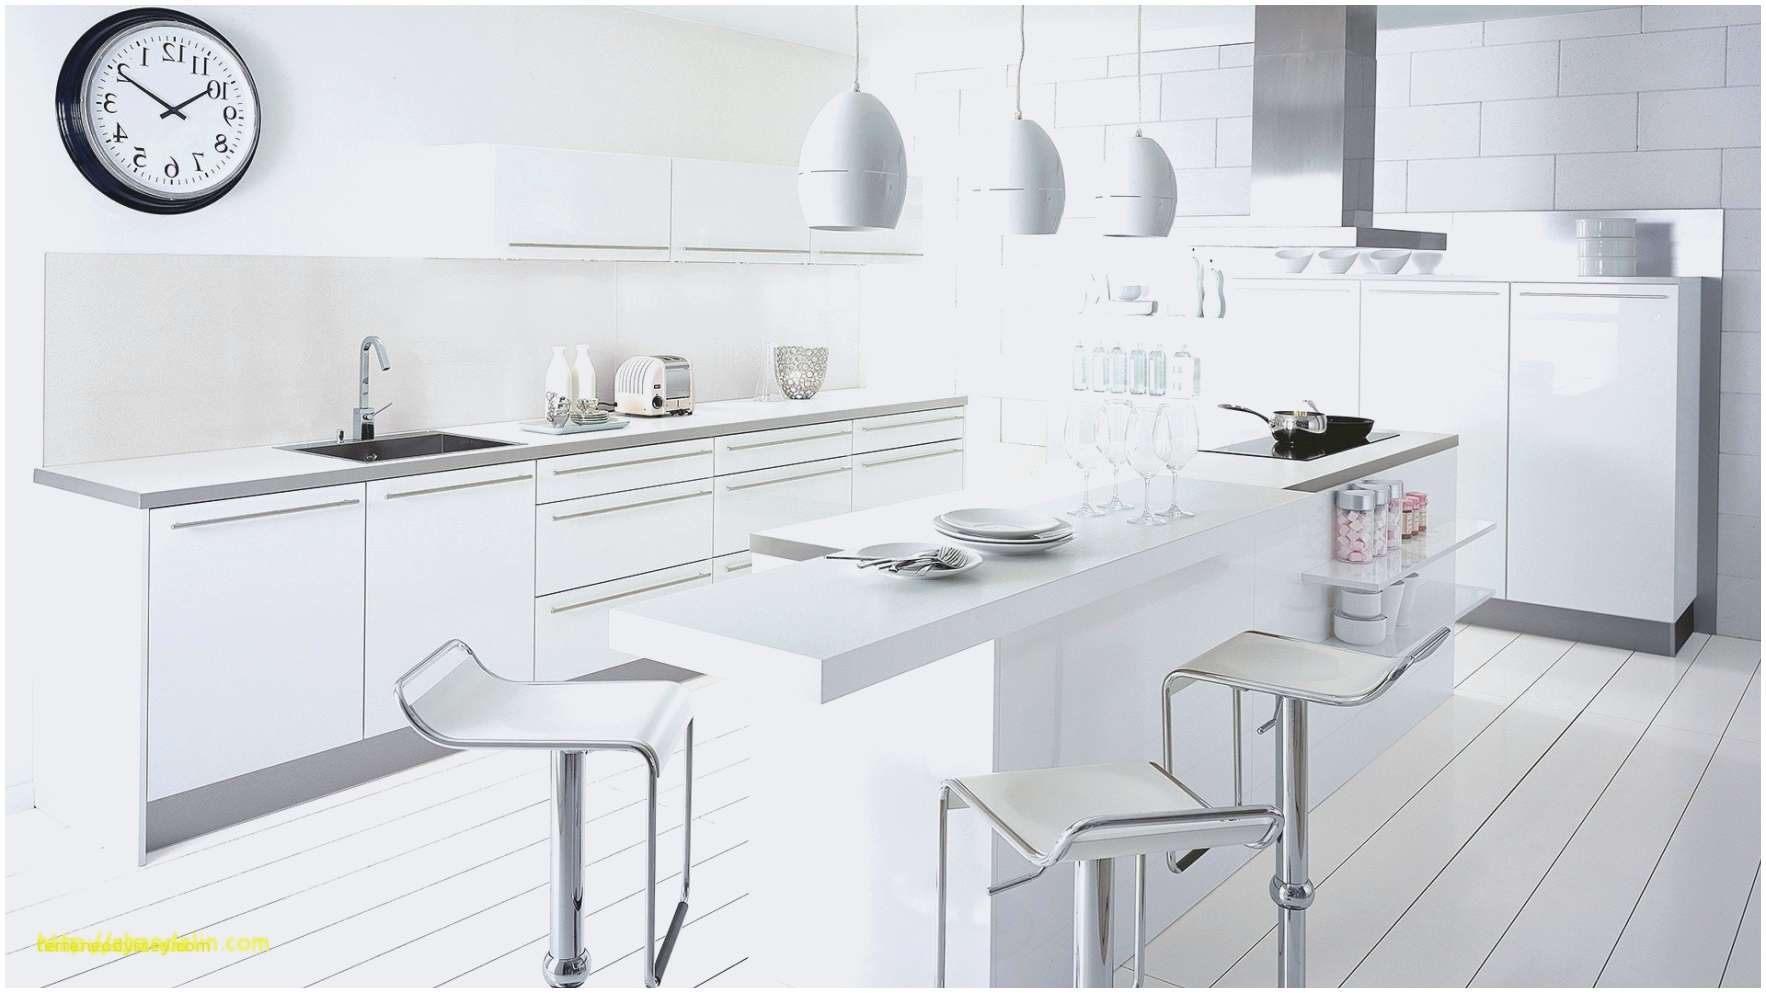 Lit Superposé Avec Bureau Intégré Belle Unique 41 élégant Table De Cuisine Avec Rangement Intégré Pour